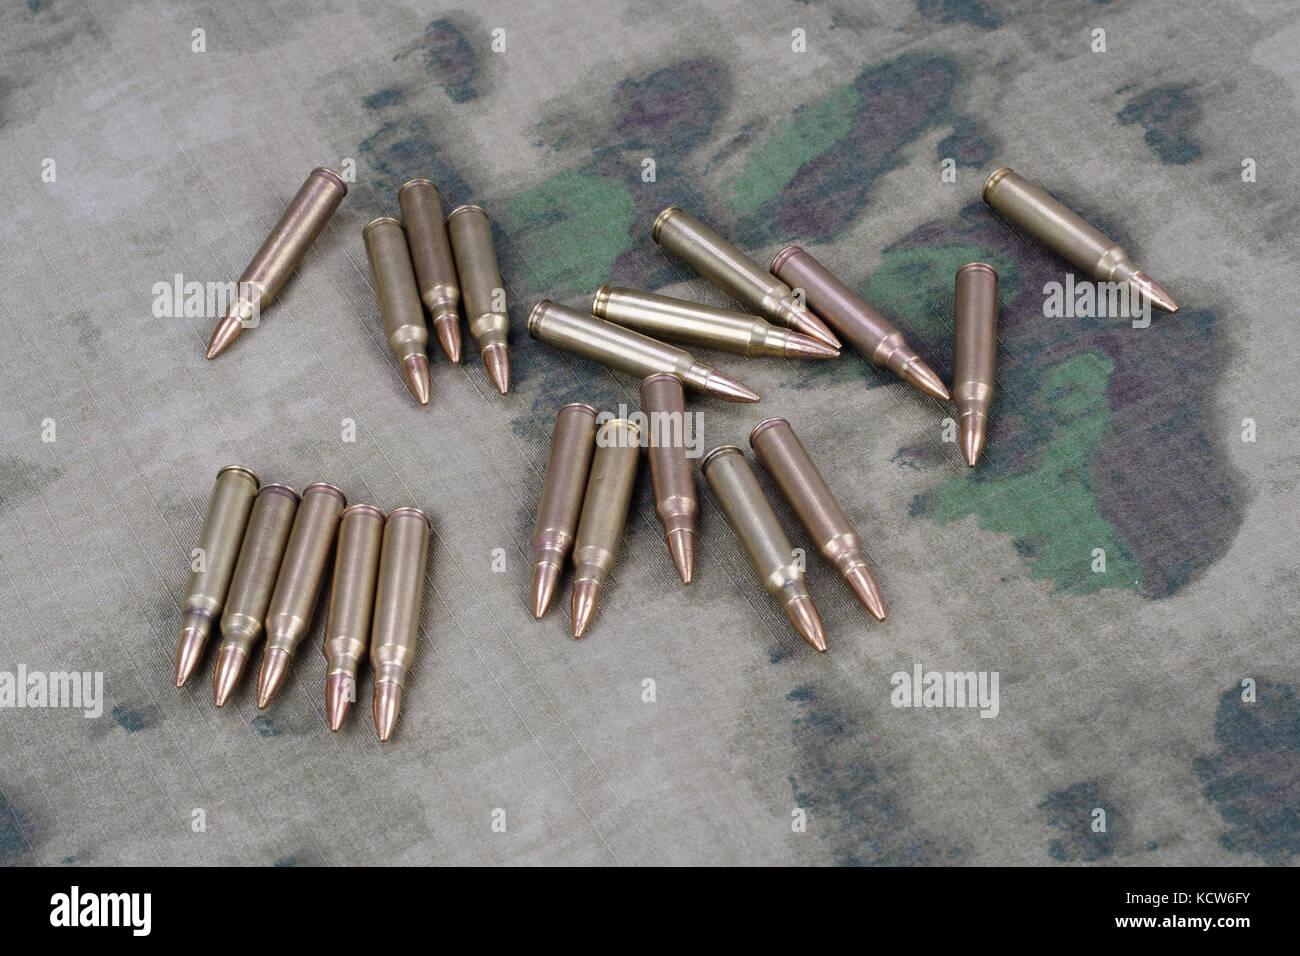 Ammunition on camoflage background - Stock Image